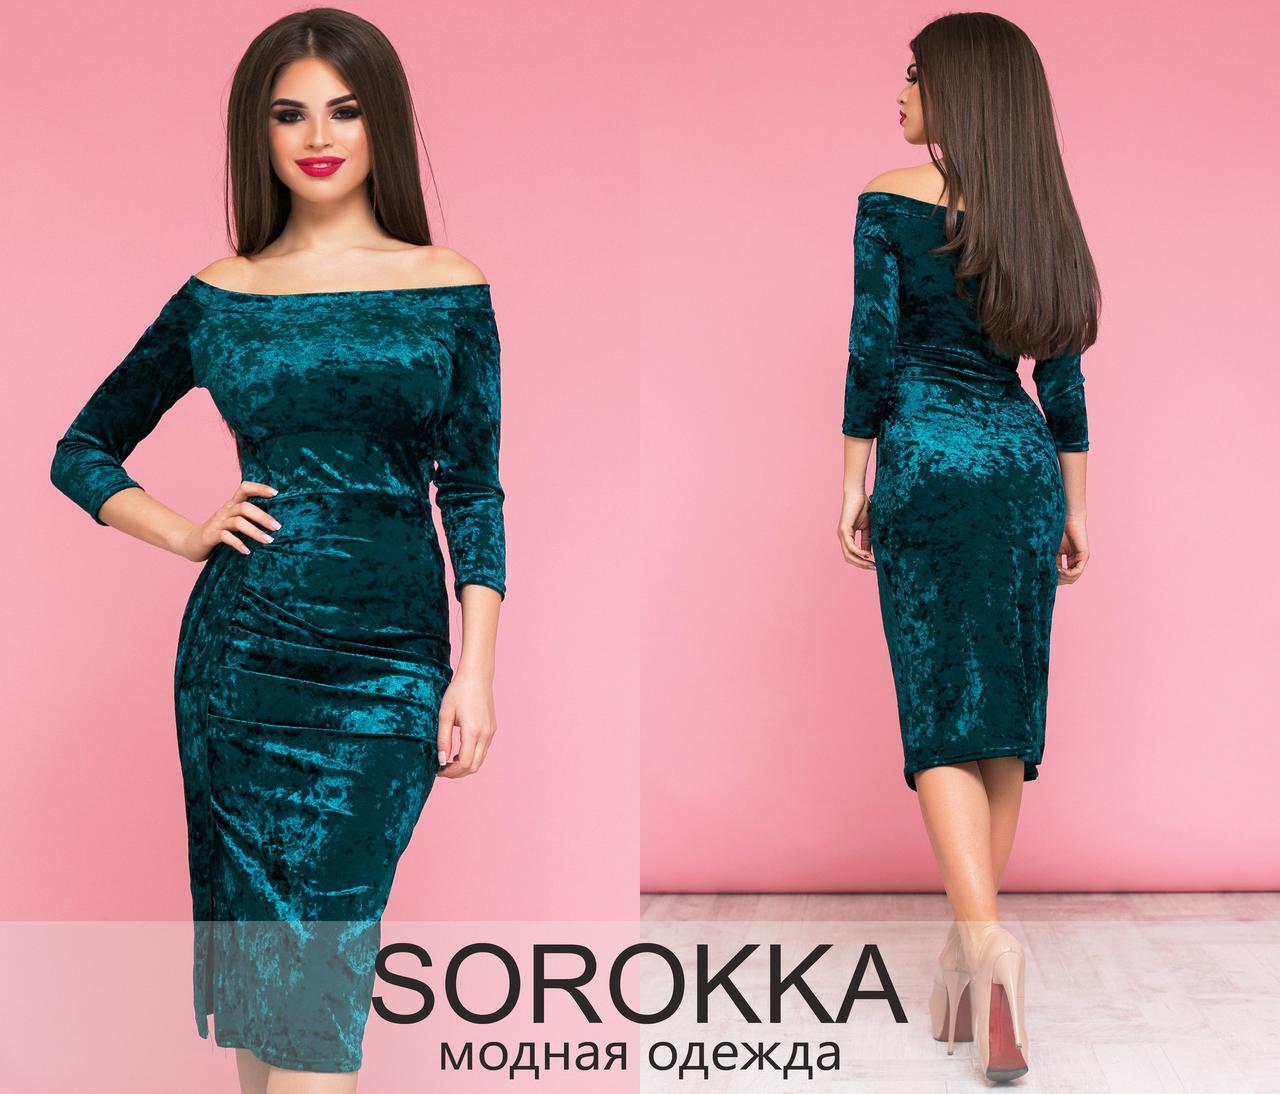 f294bec84371bab Купить Бархатное платье с открытыми плечами размеры S-L оптом и в ...